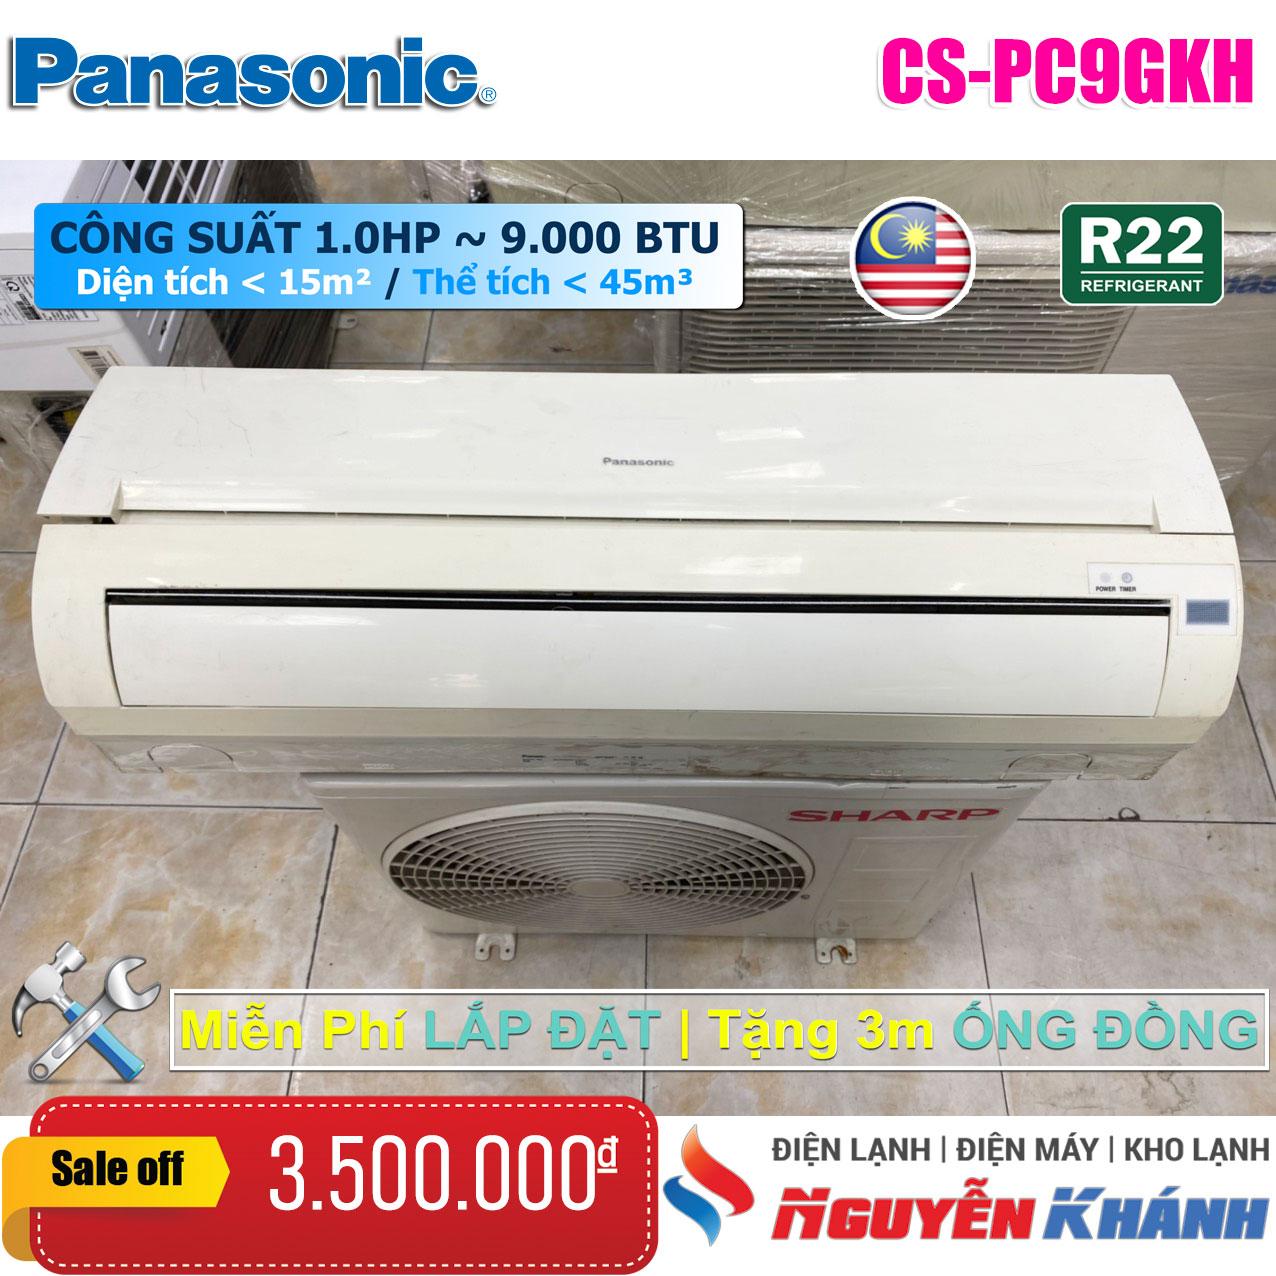 Máy lạnh Panasonic CU/CS-PC9GKH (1.0Hp)